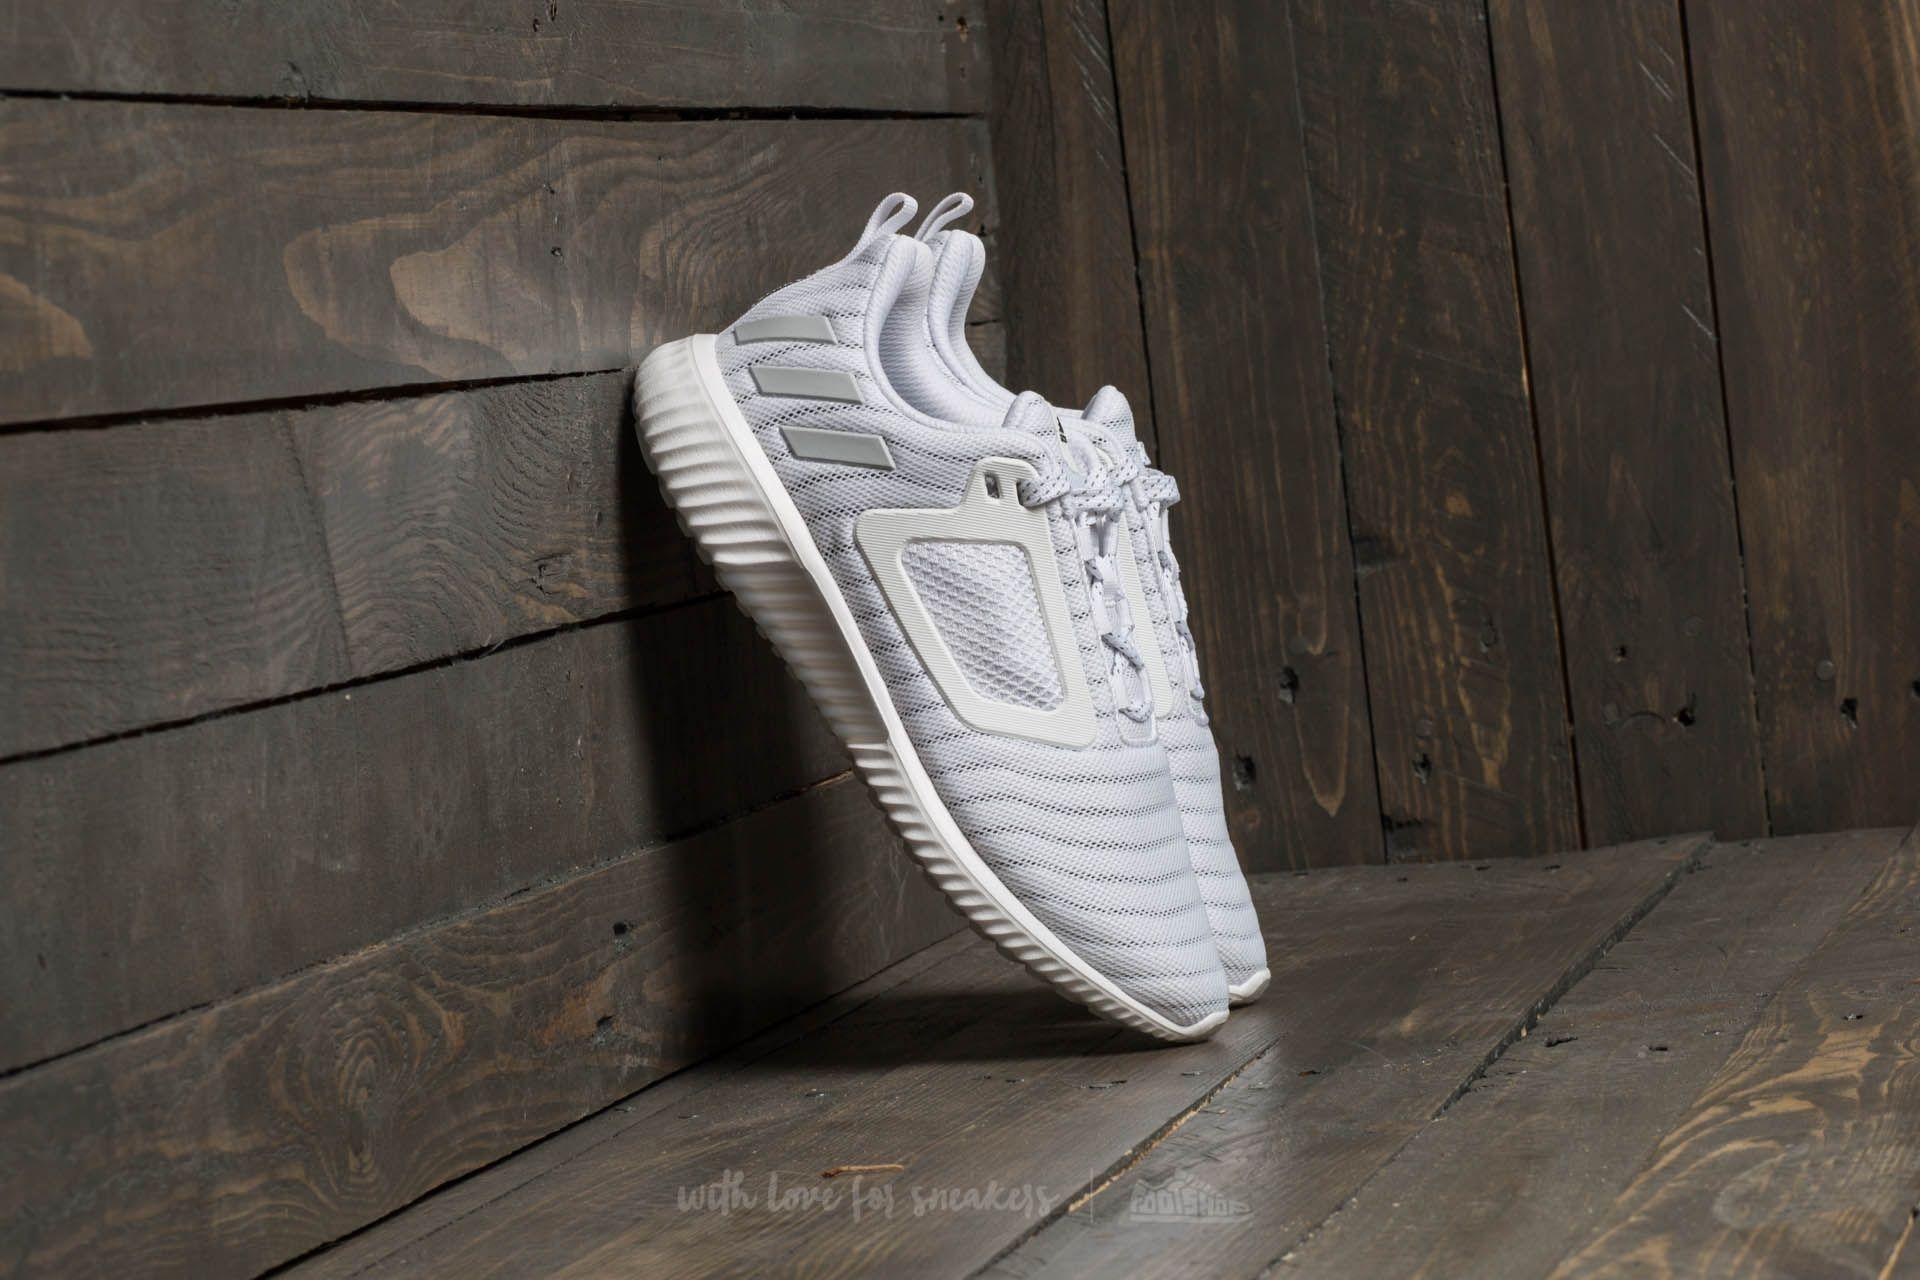 f3fc53d09c90 adidas Climacool CW Ftw White  Grey